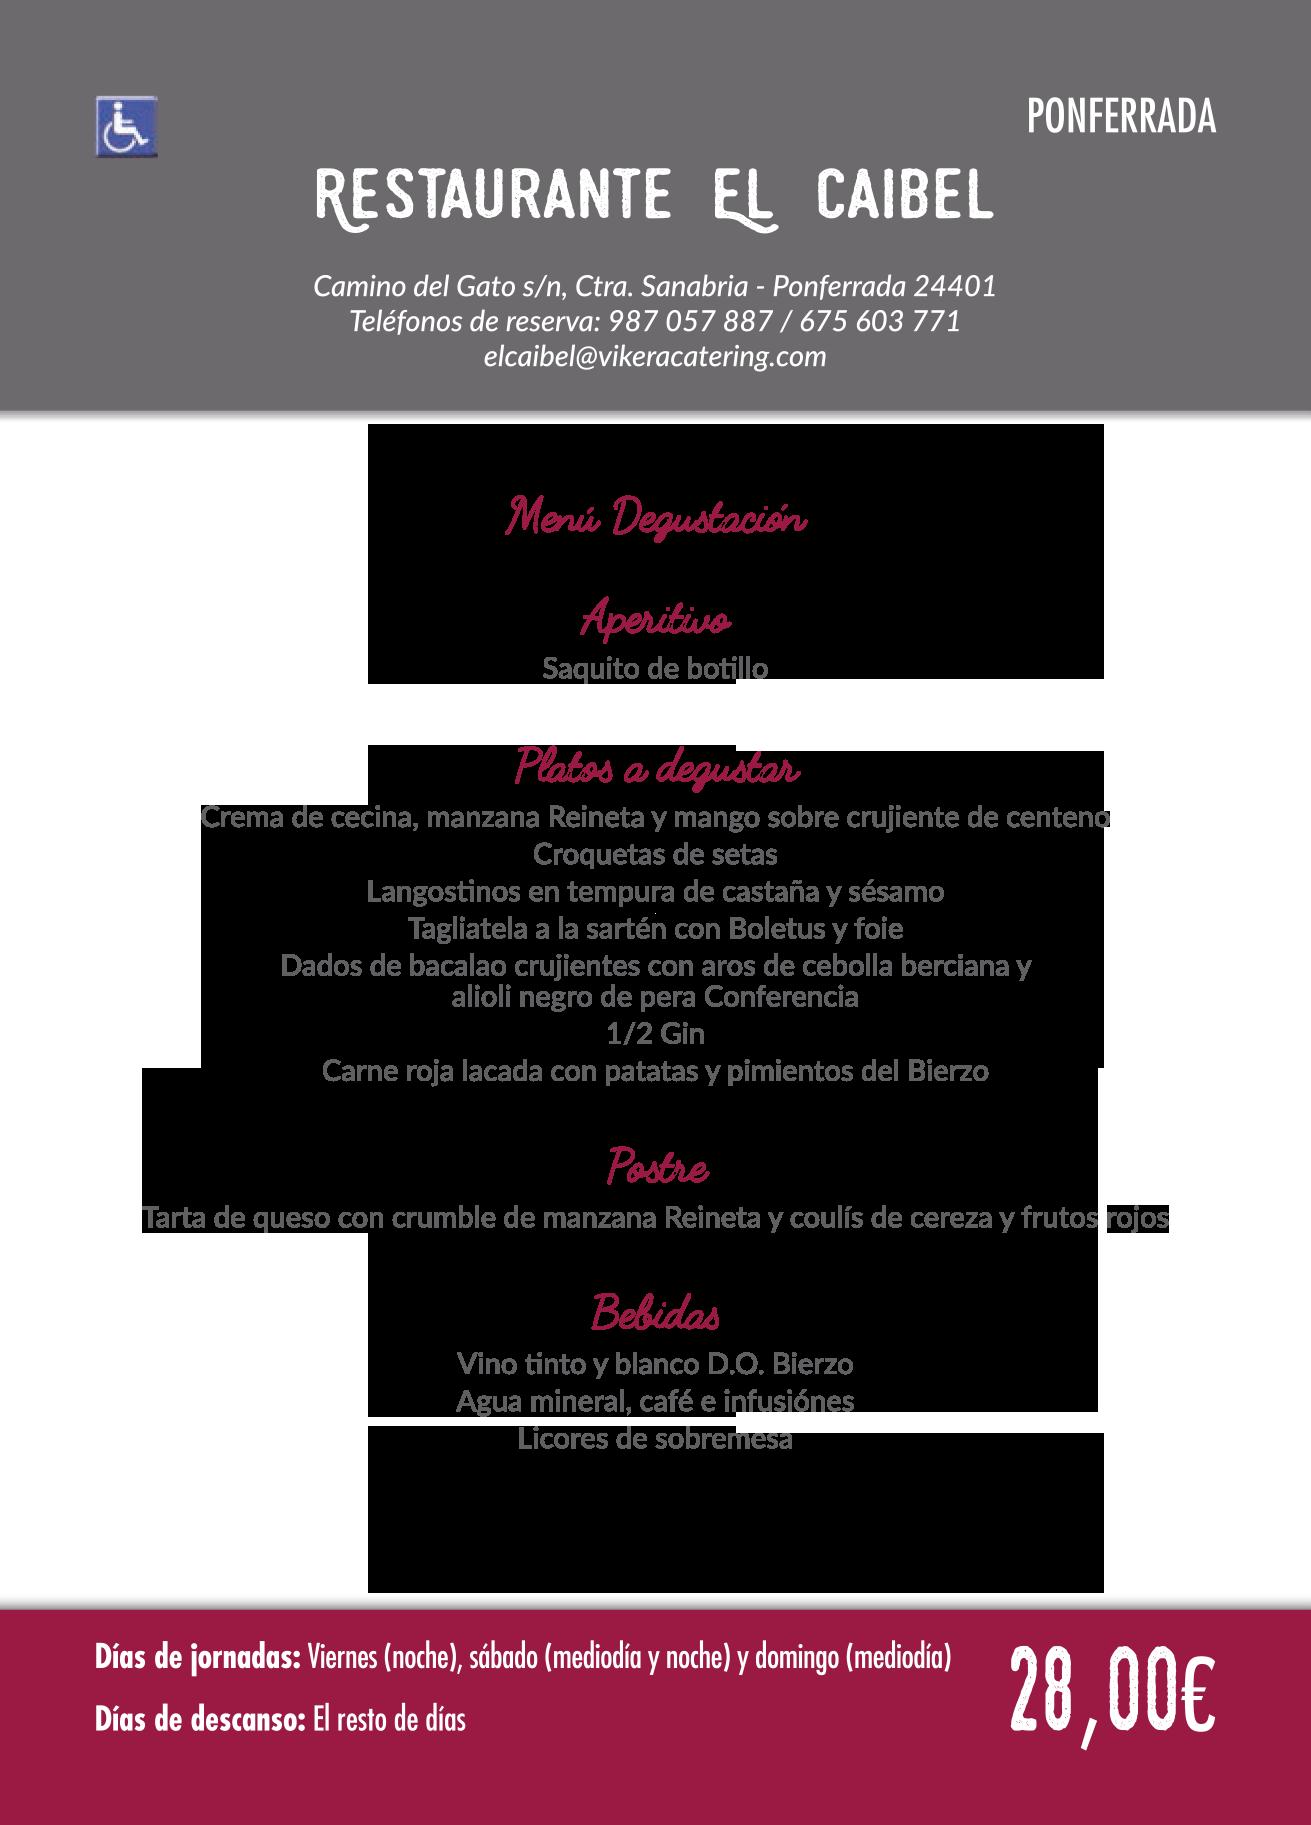 Las Jornadas Gastronómicas del Bierzo llegan a su 35 edición. Consulta los menús de esta edición 11